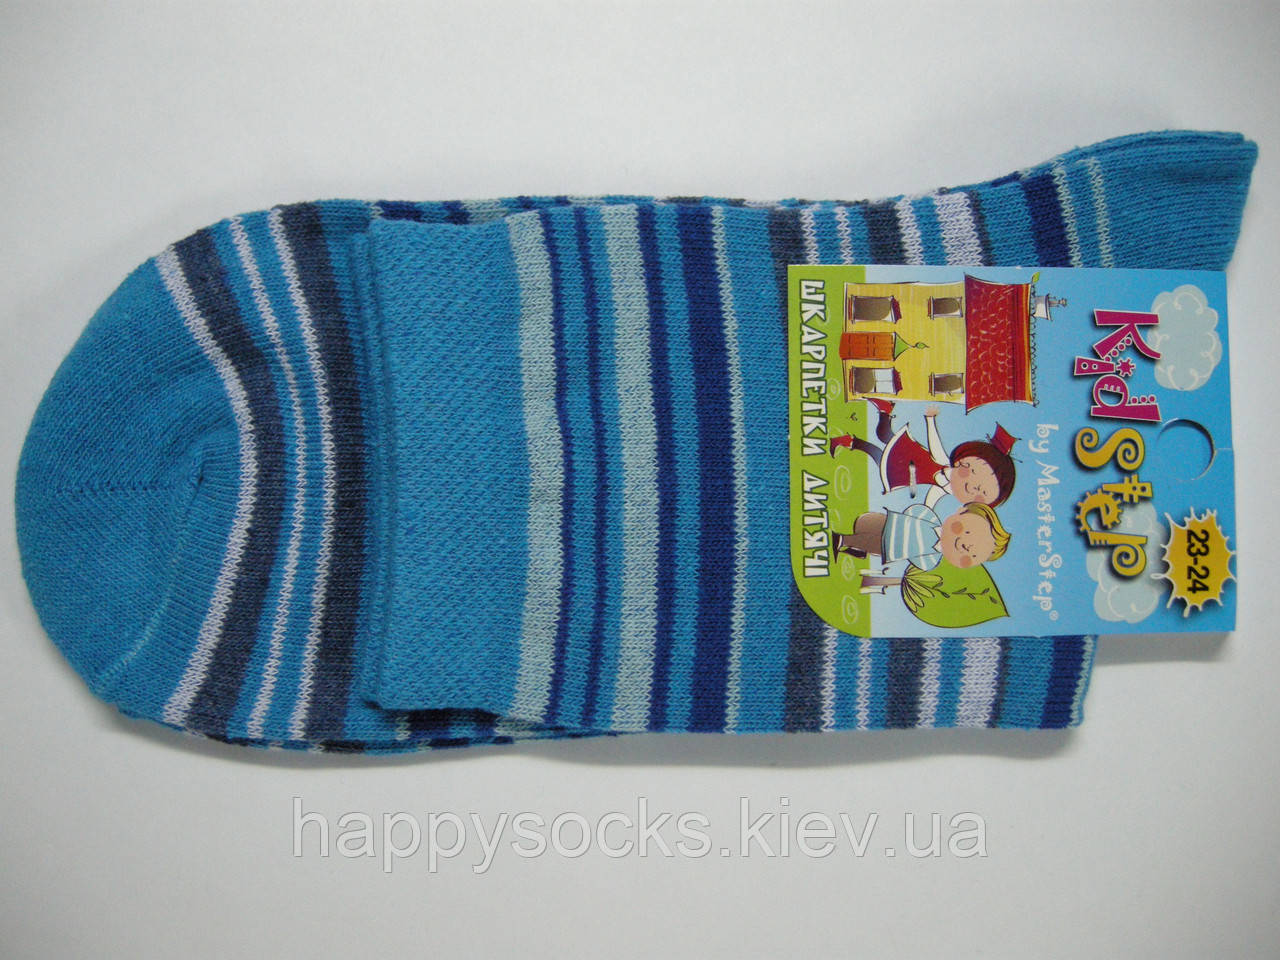 Цветные детские носки в полоску